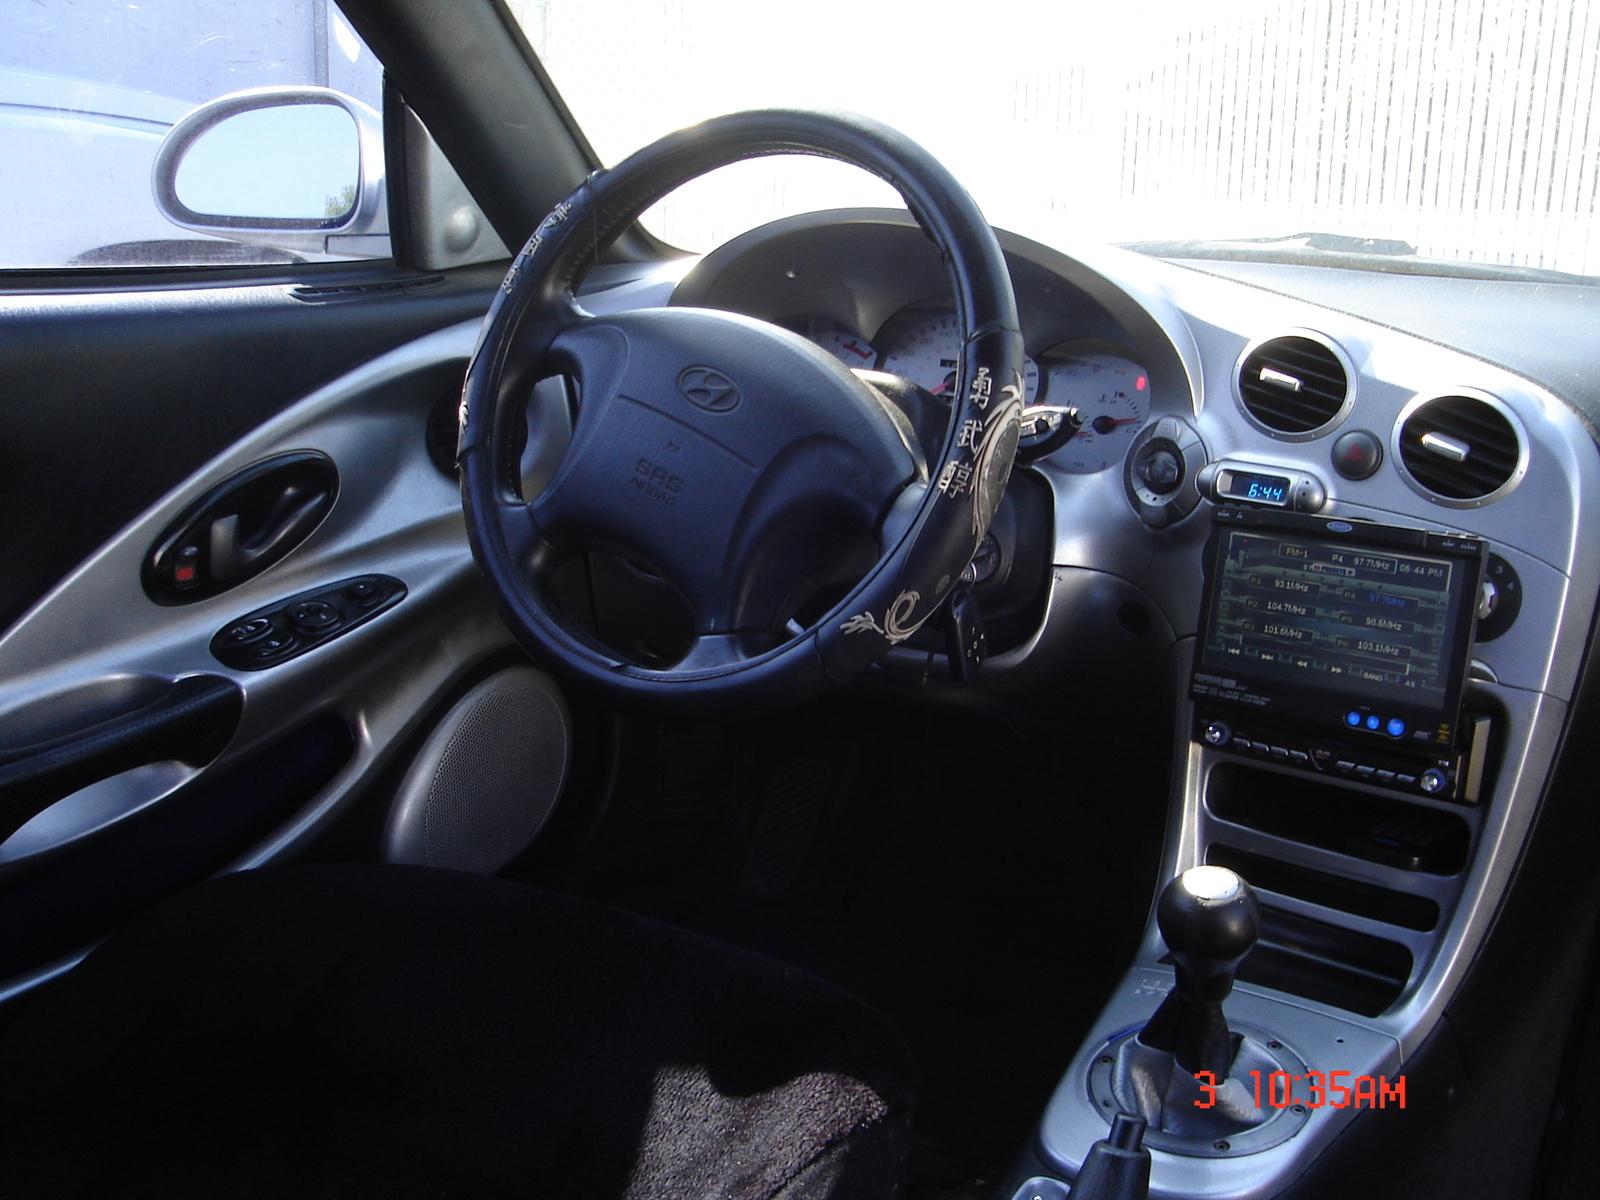 2000 Hyundai Tiburon Interior Pictures Cargurus